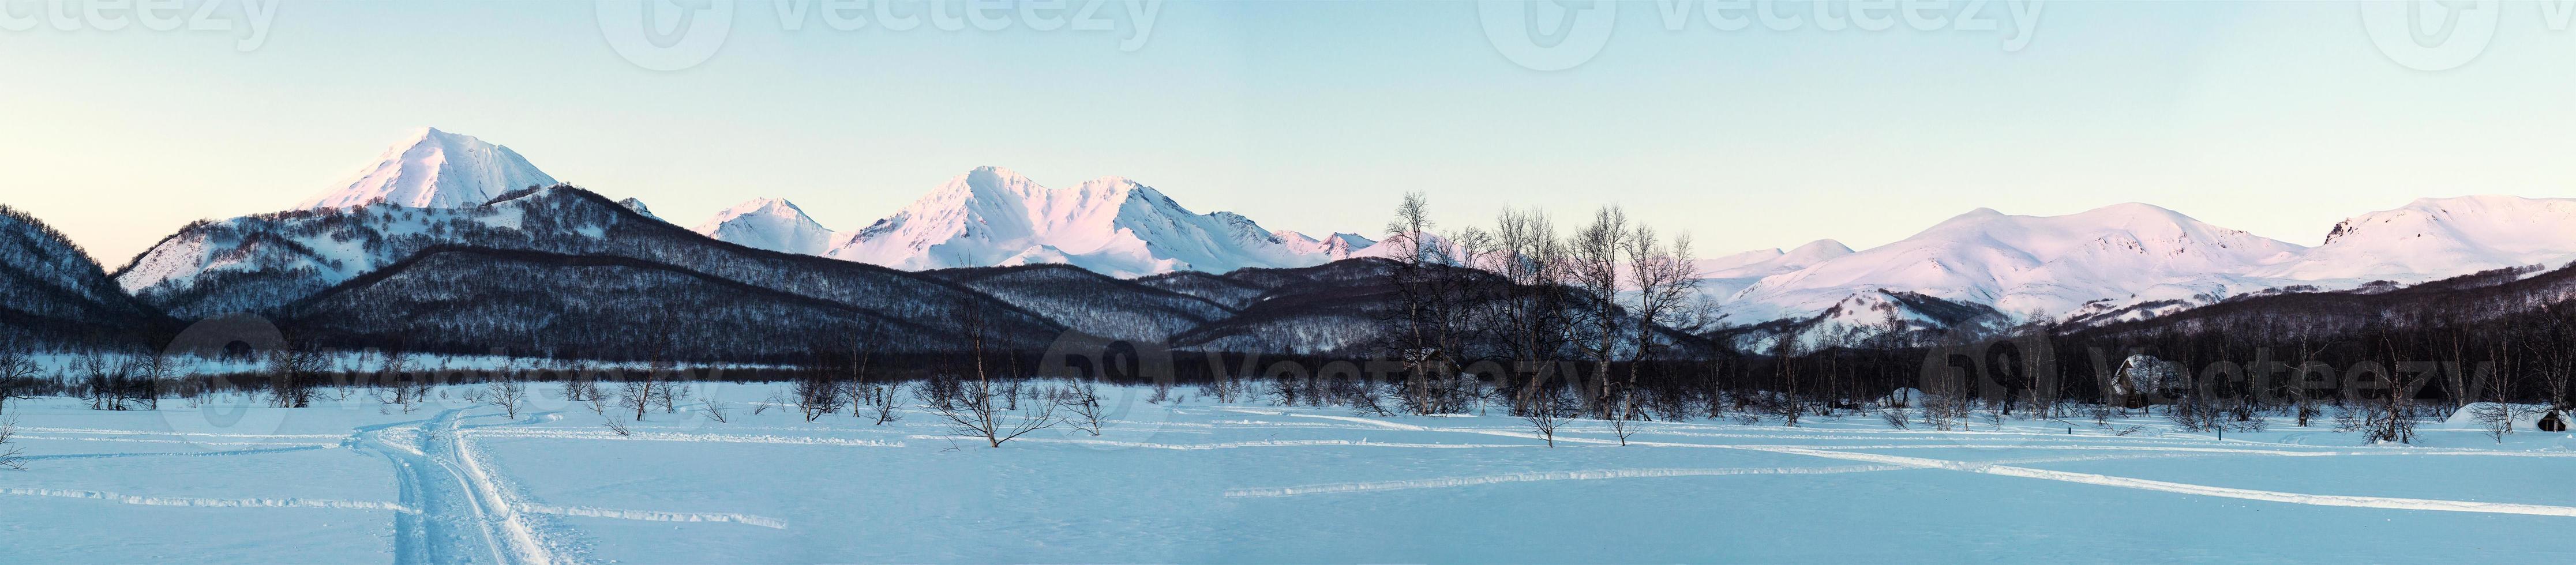 nascer do sol sobre o parque natural nalychevo e o vulcão koryaksky foto